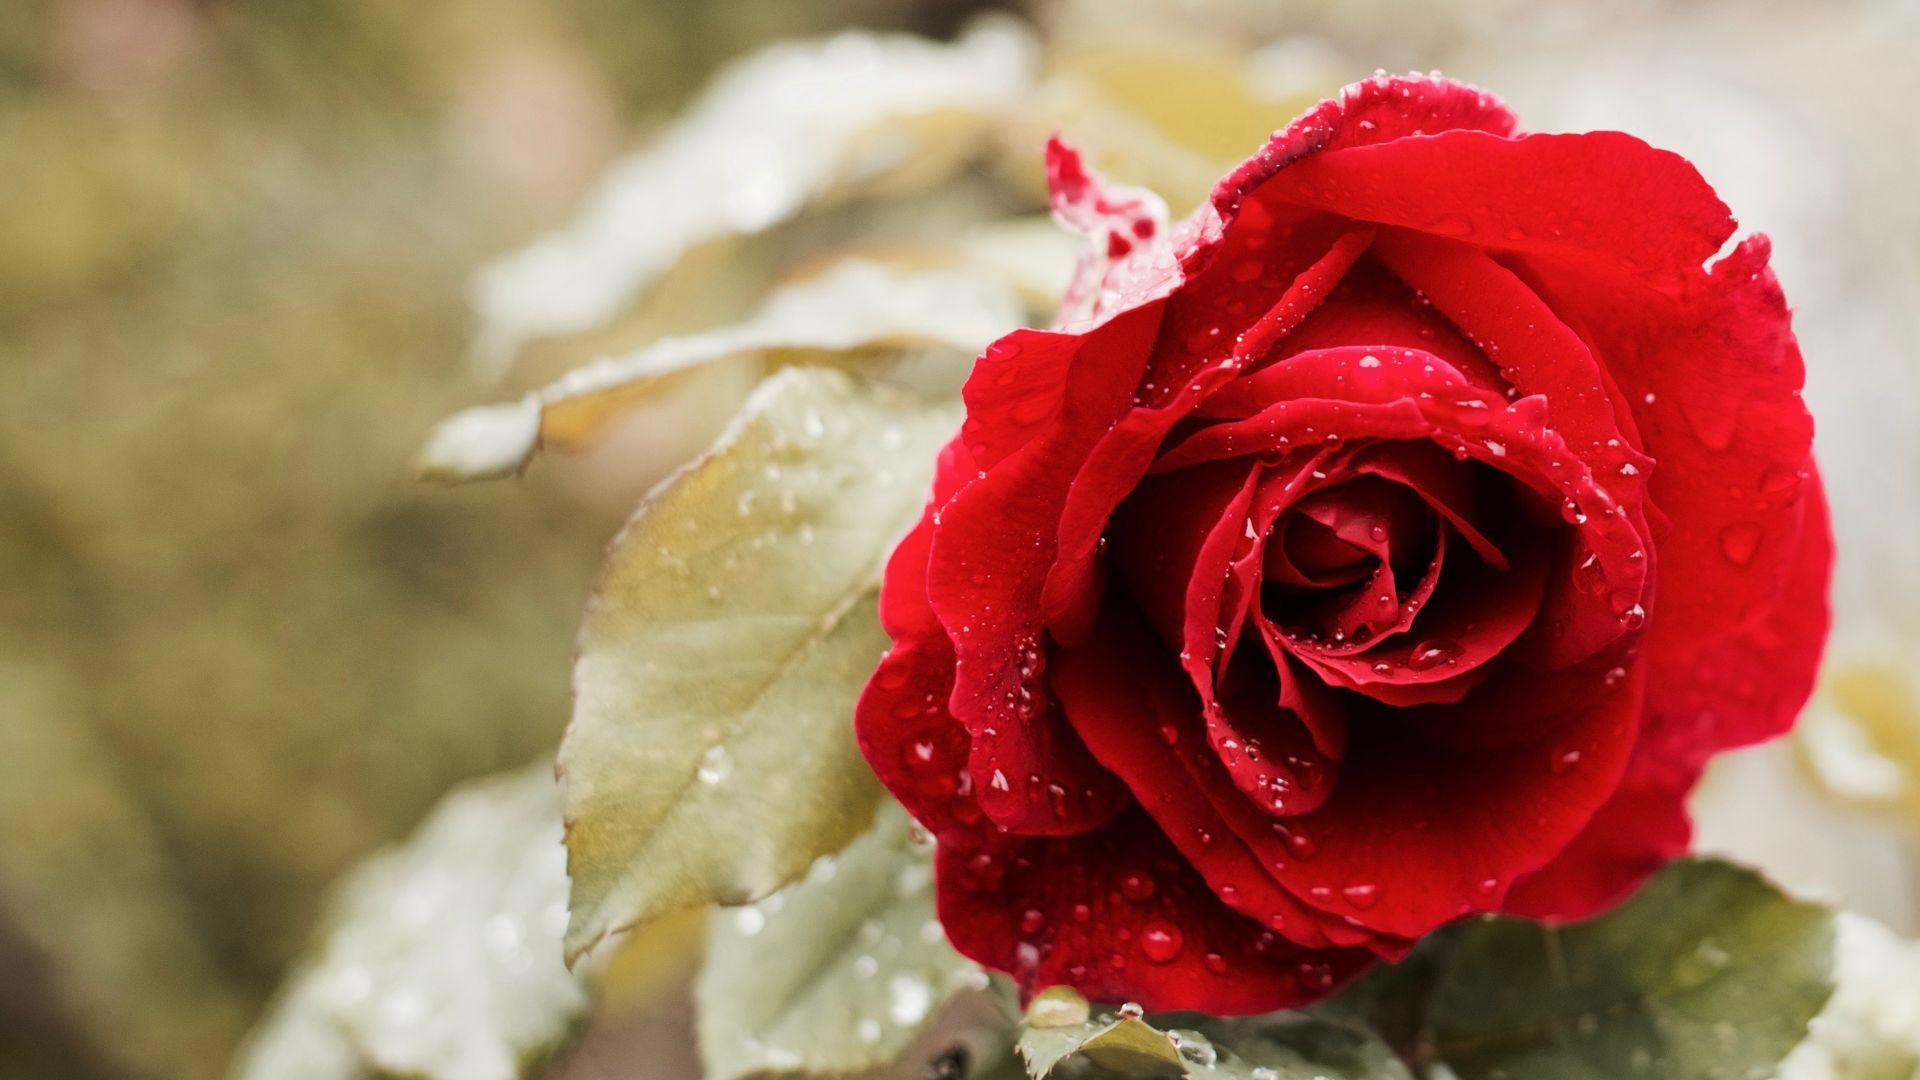 Wallpaper Rose 5k 4k Wallpaper Red Spring Flower Nature 11611